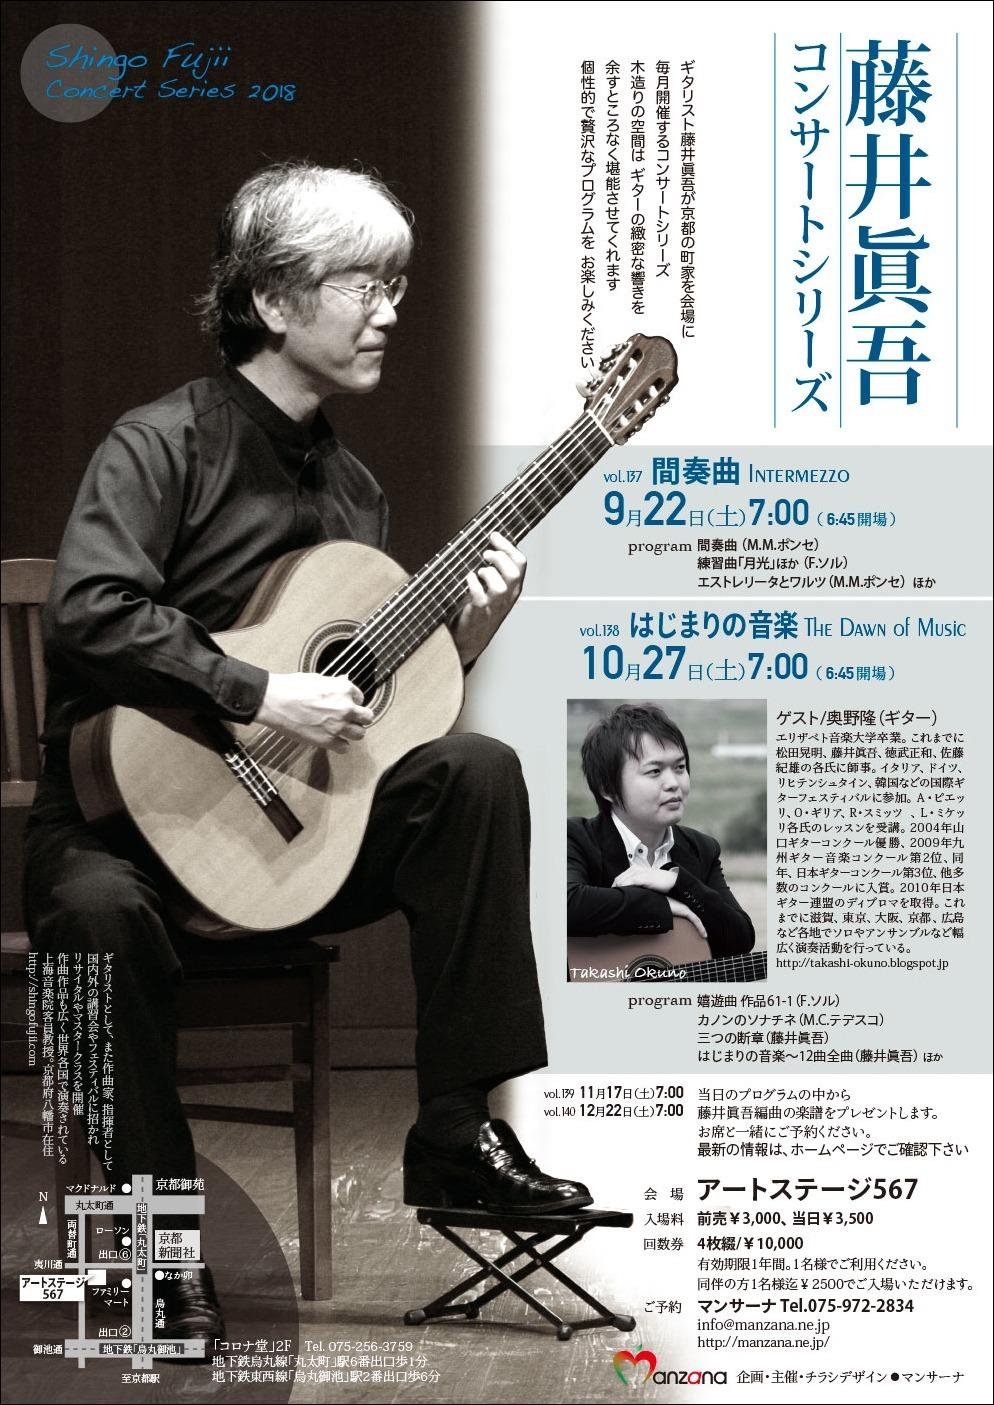 藤井眞吾コンサートシリーズ「はじまりの音楽」プログラムは..._e0103327_12333646.jpg